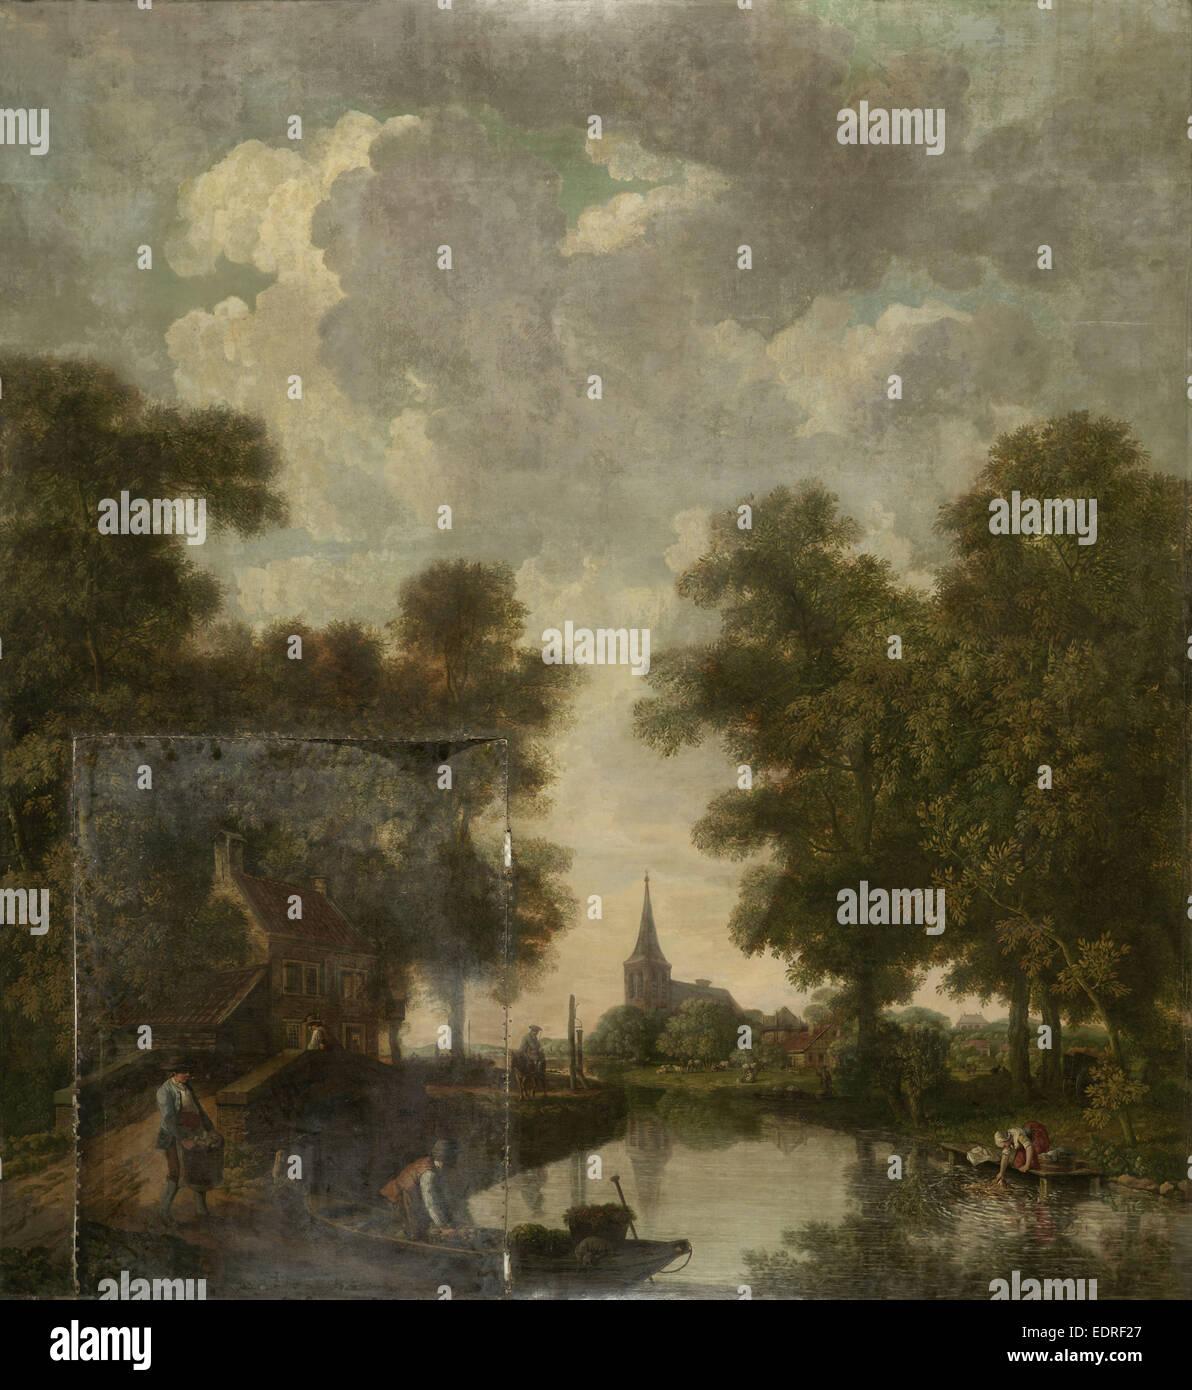 Carta da parati dipinta con un paesaggio olandese con il fiume, attribuito a Jurriaan Andriessen, c. 1776 Immagini Stock